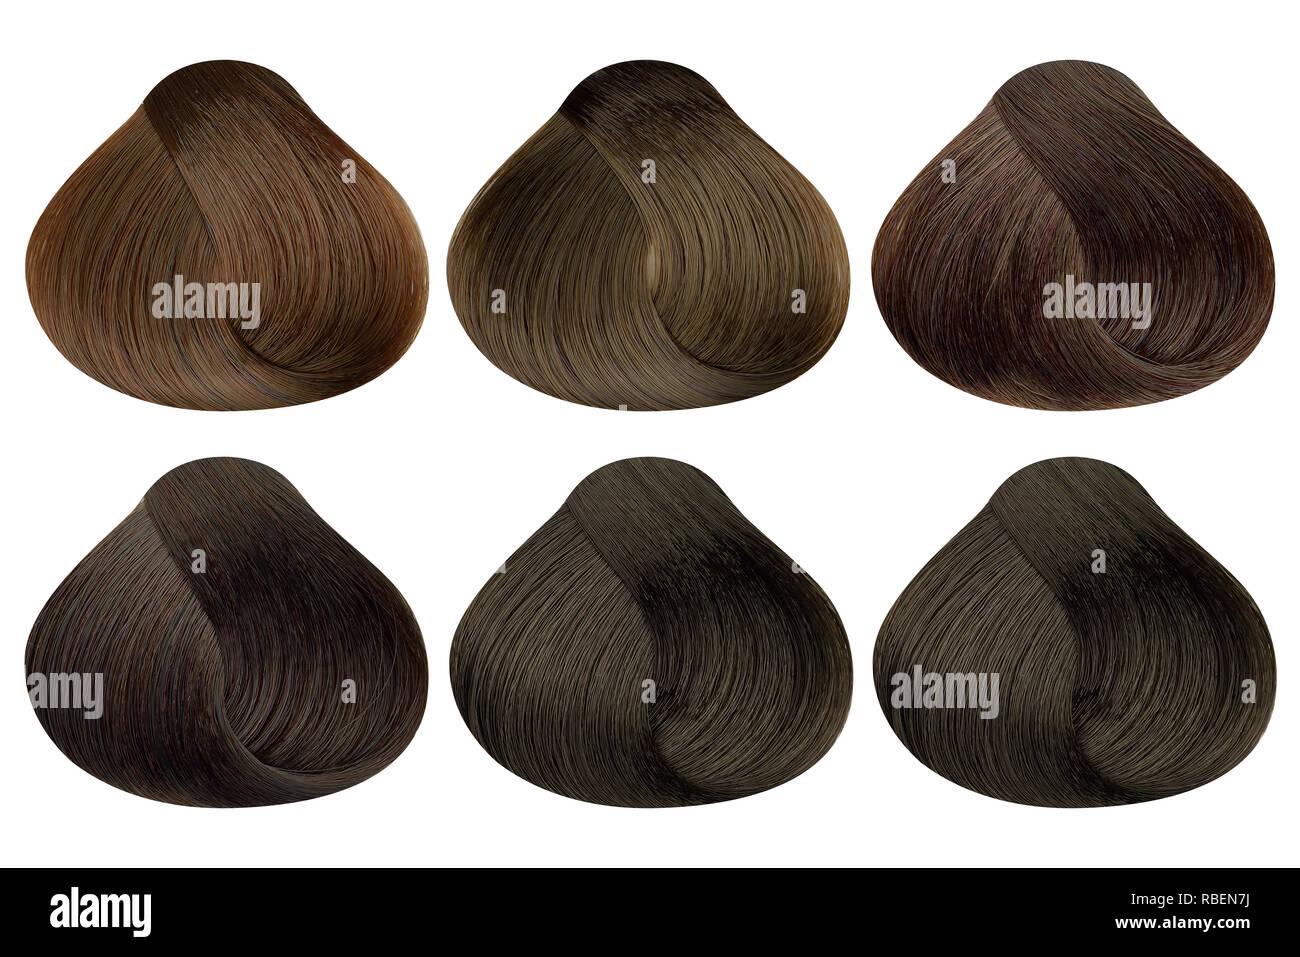 Einrichten Von Sperren Von Sechs Verschiedenen Braun Haarfarbe